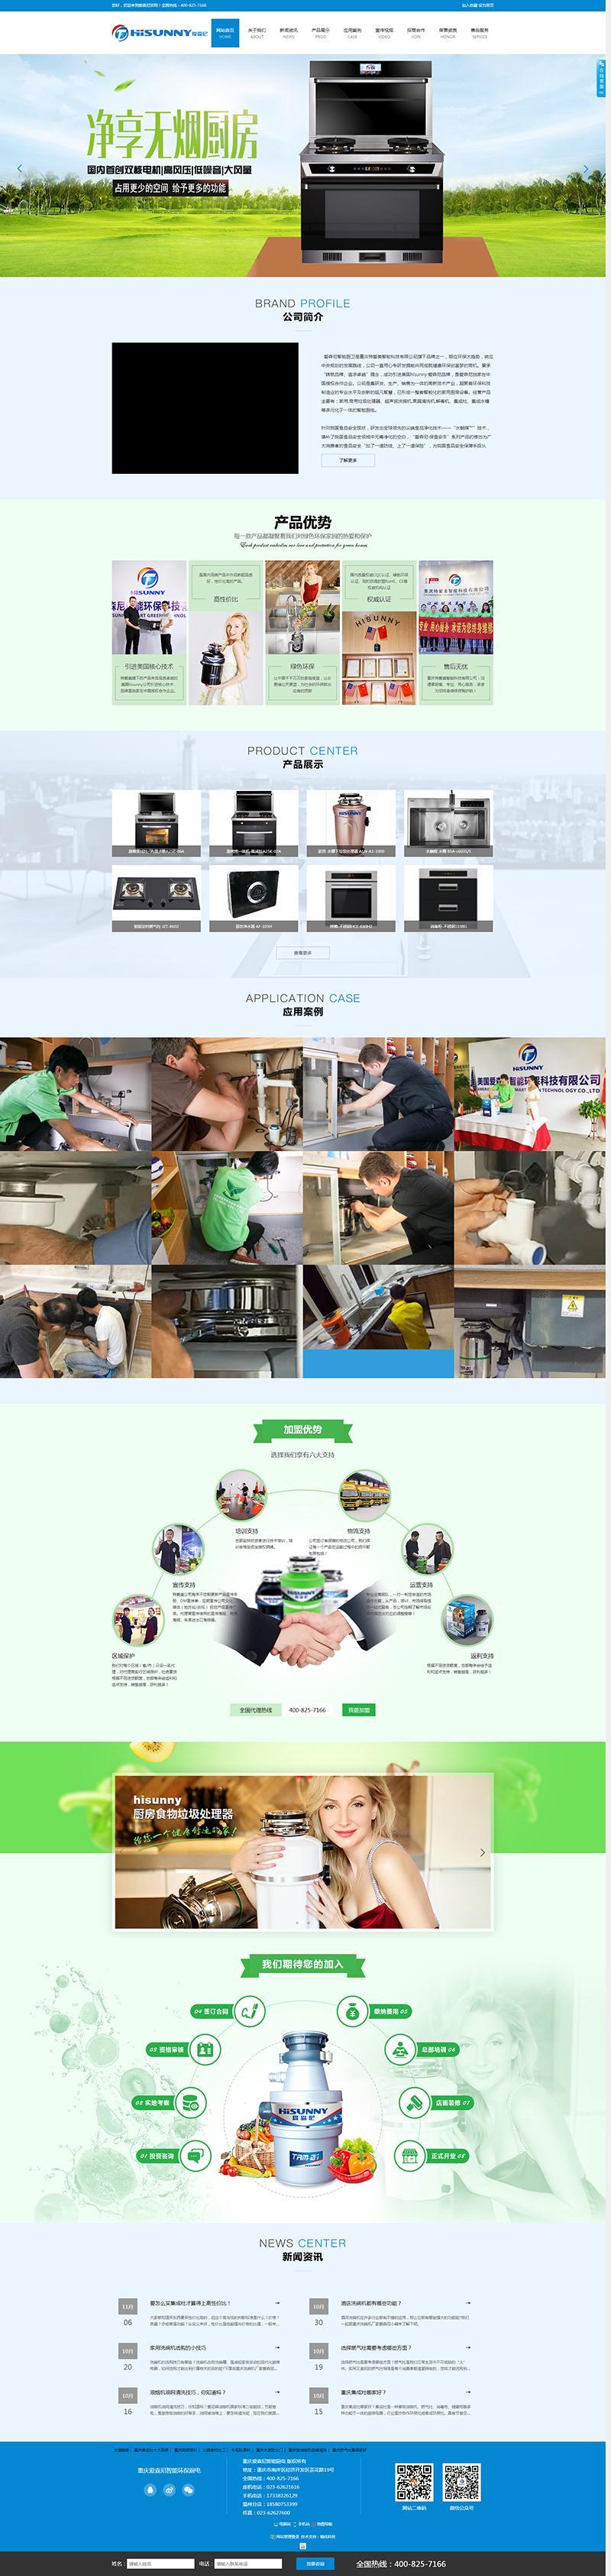 重庆集成灶品牌,燃气灶,油烟机,洗碗机厂家 - 爱森尼智能厨电.png